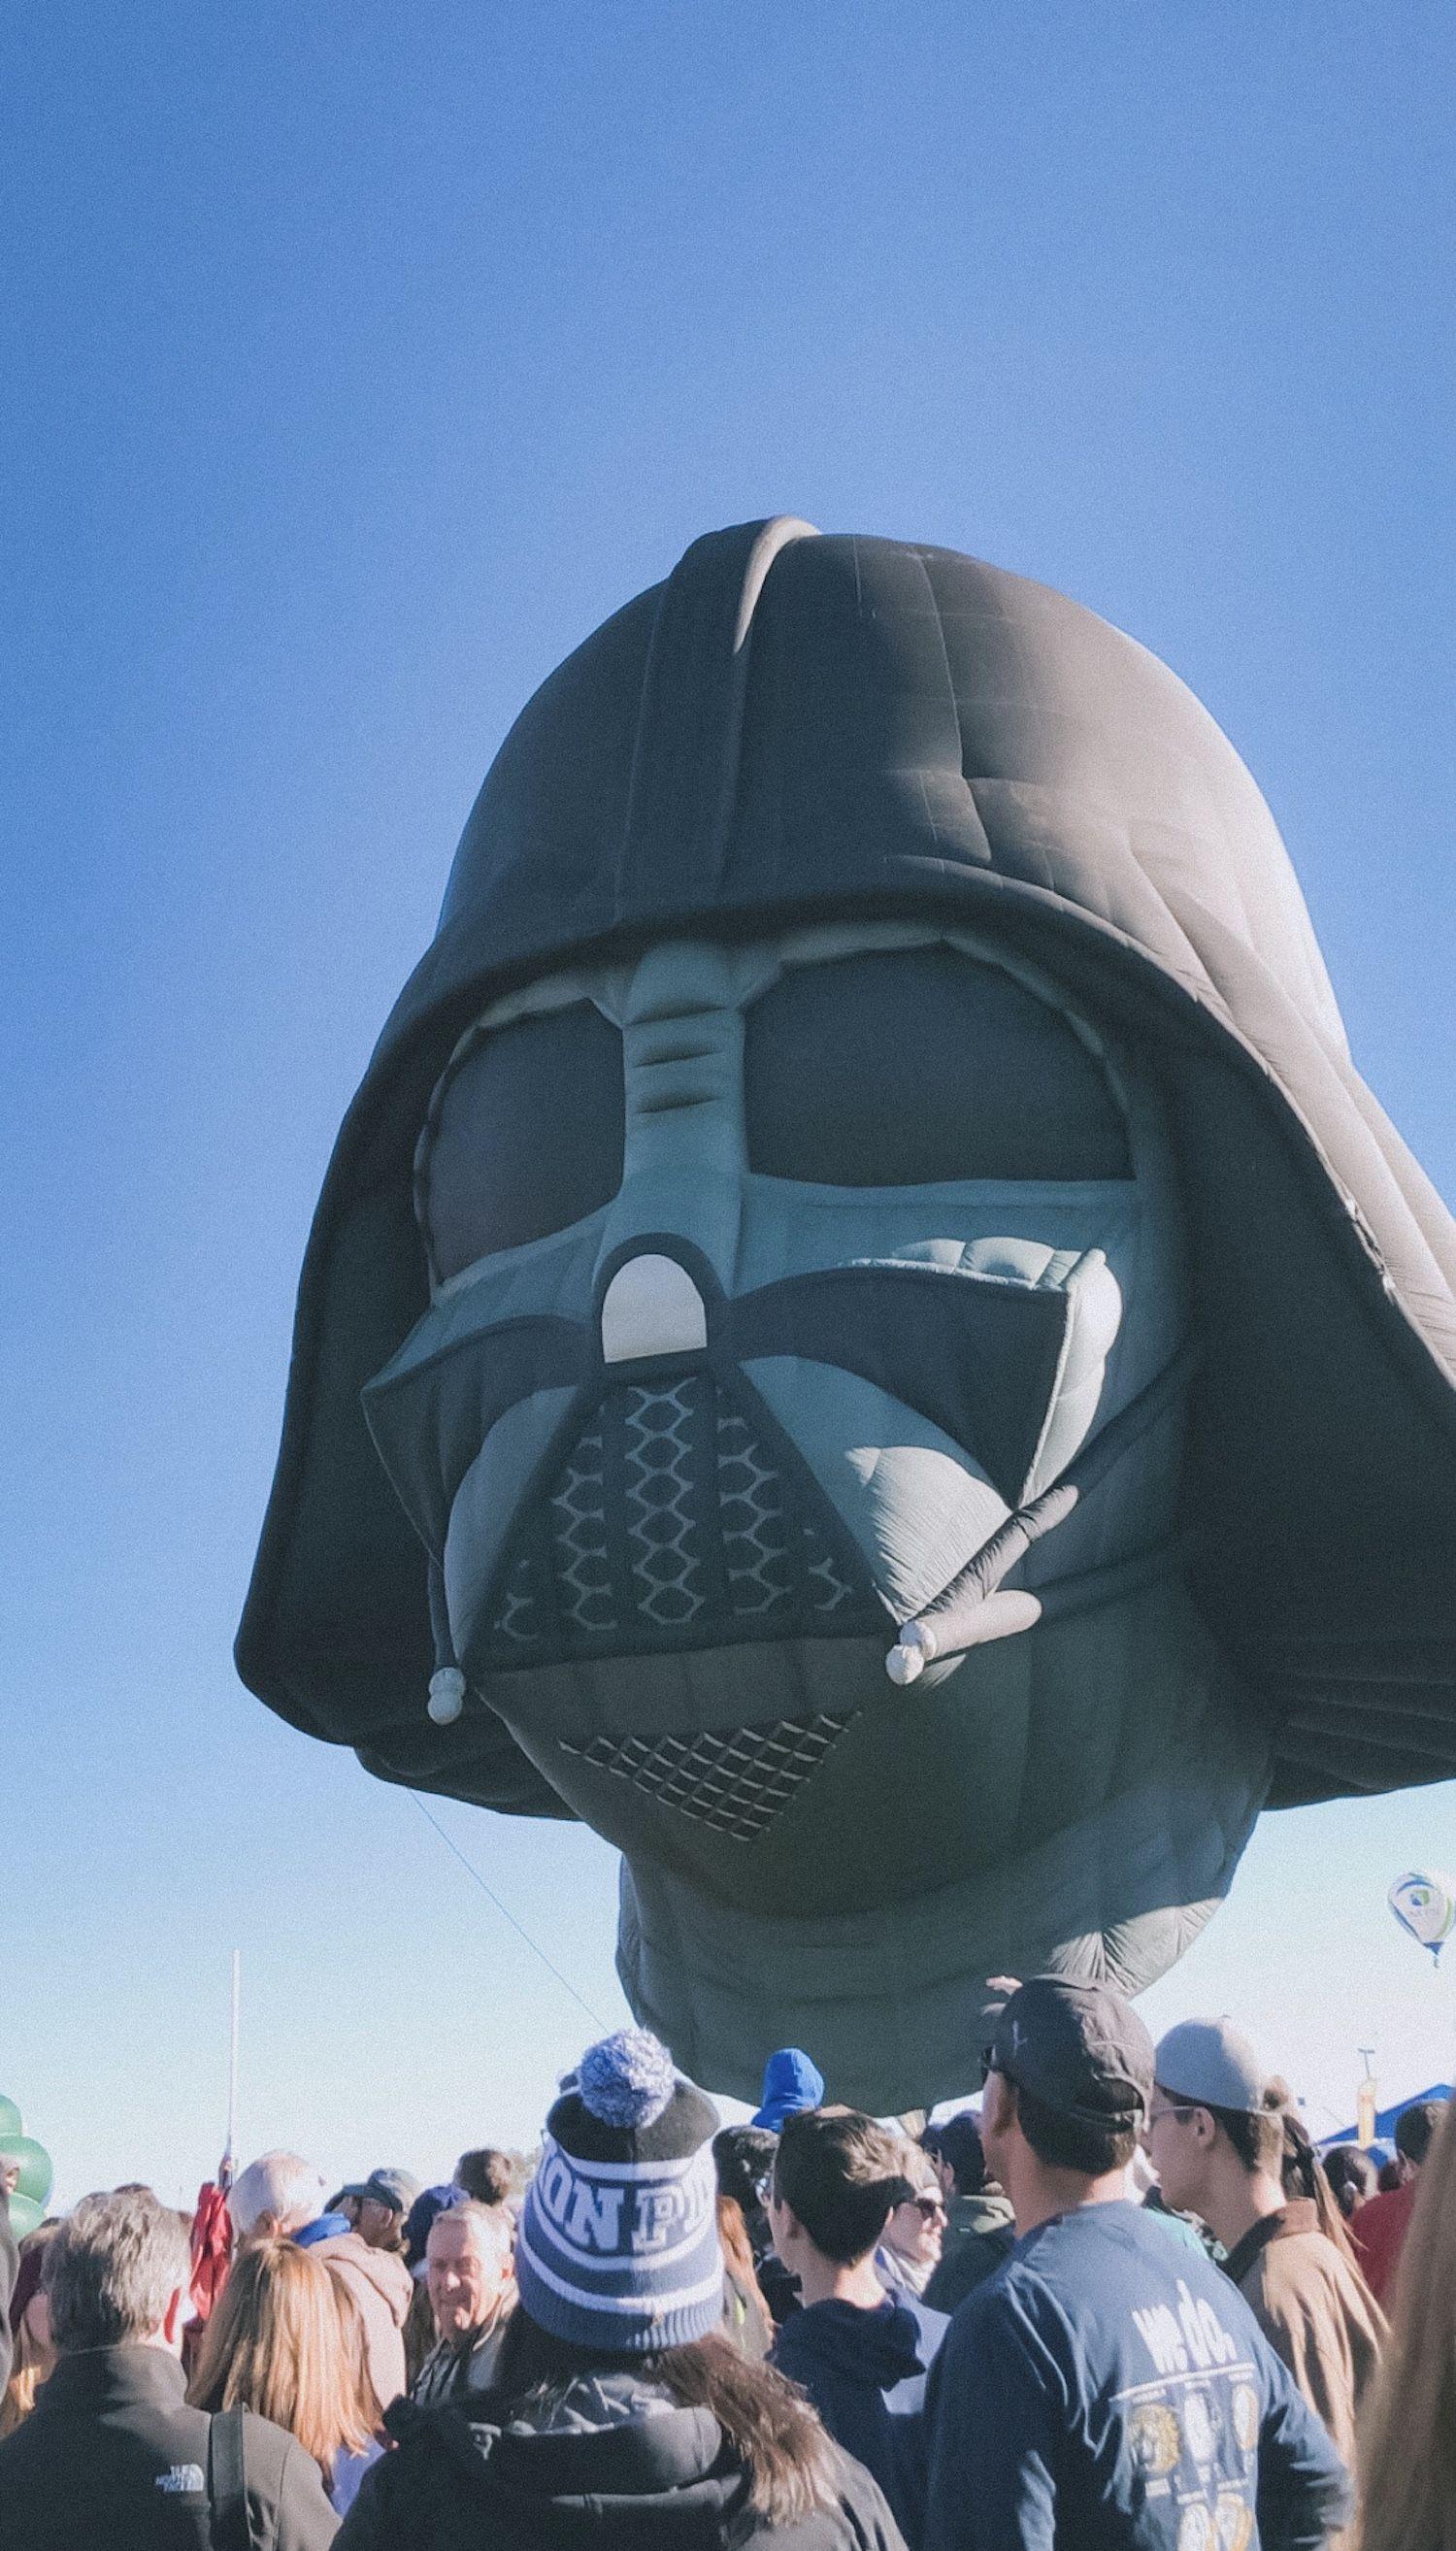 Darth Vader Hot Air Balloon